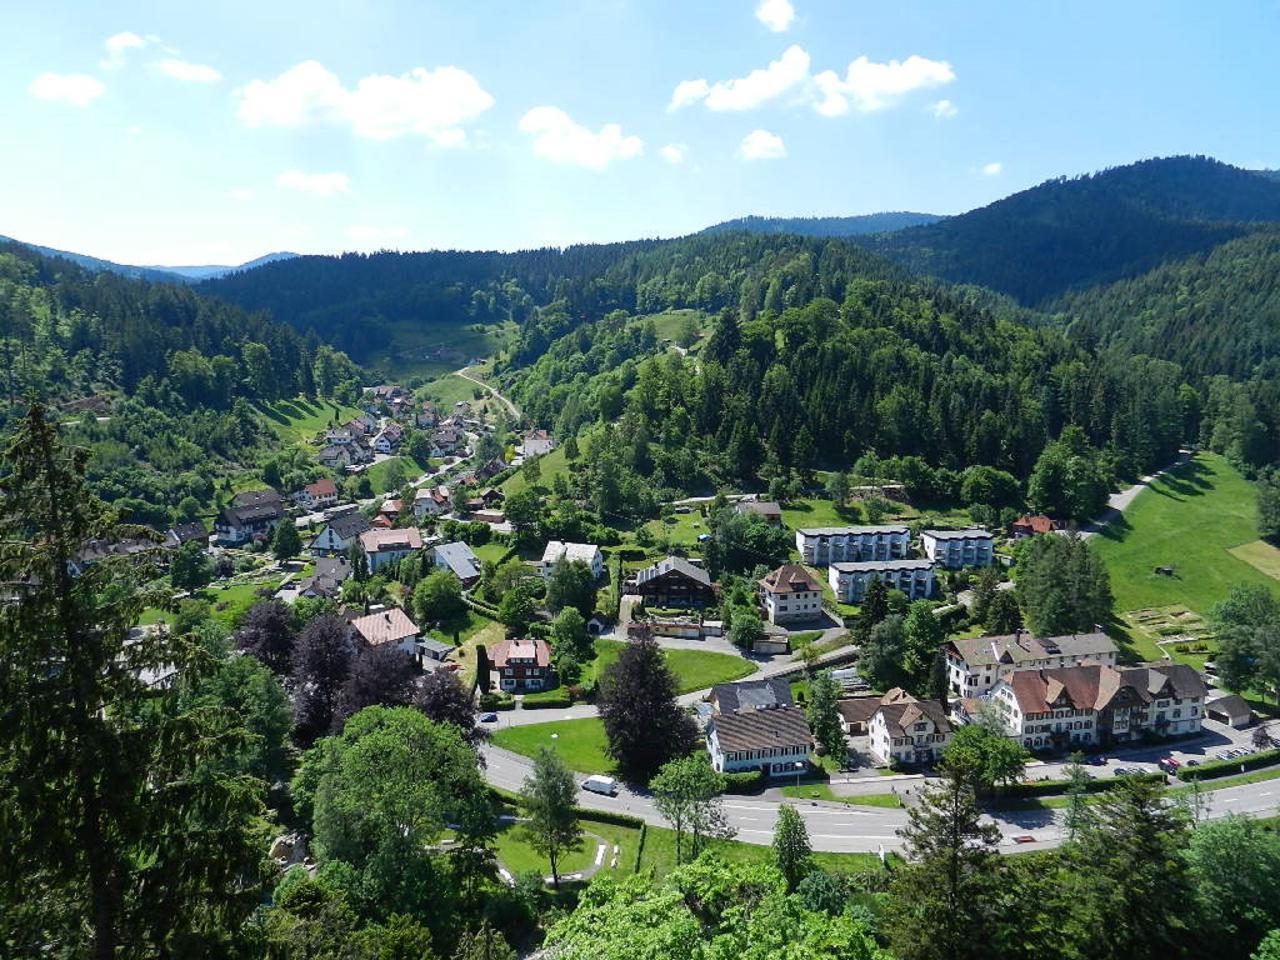 Ferienwohnung Schindel im Schwarzwald (376722), Baiersbronn, Schwarzwald, Baden-Württemberg, Deutschland, Bild 17